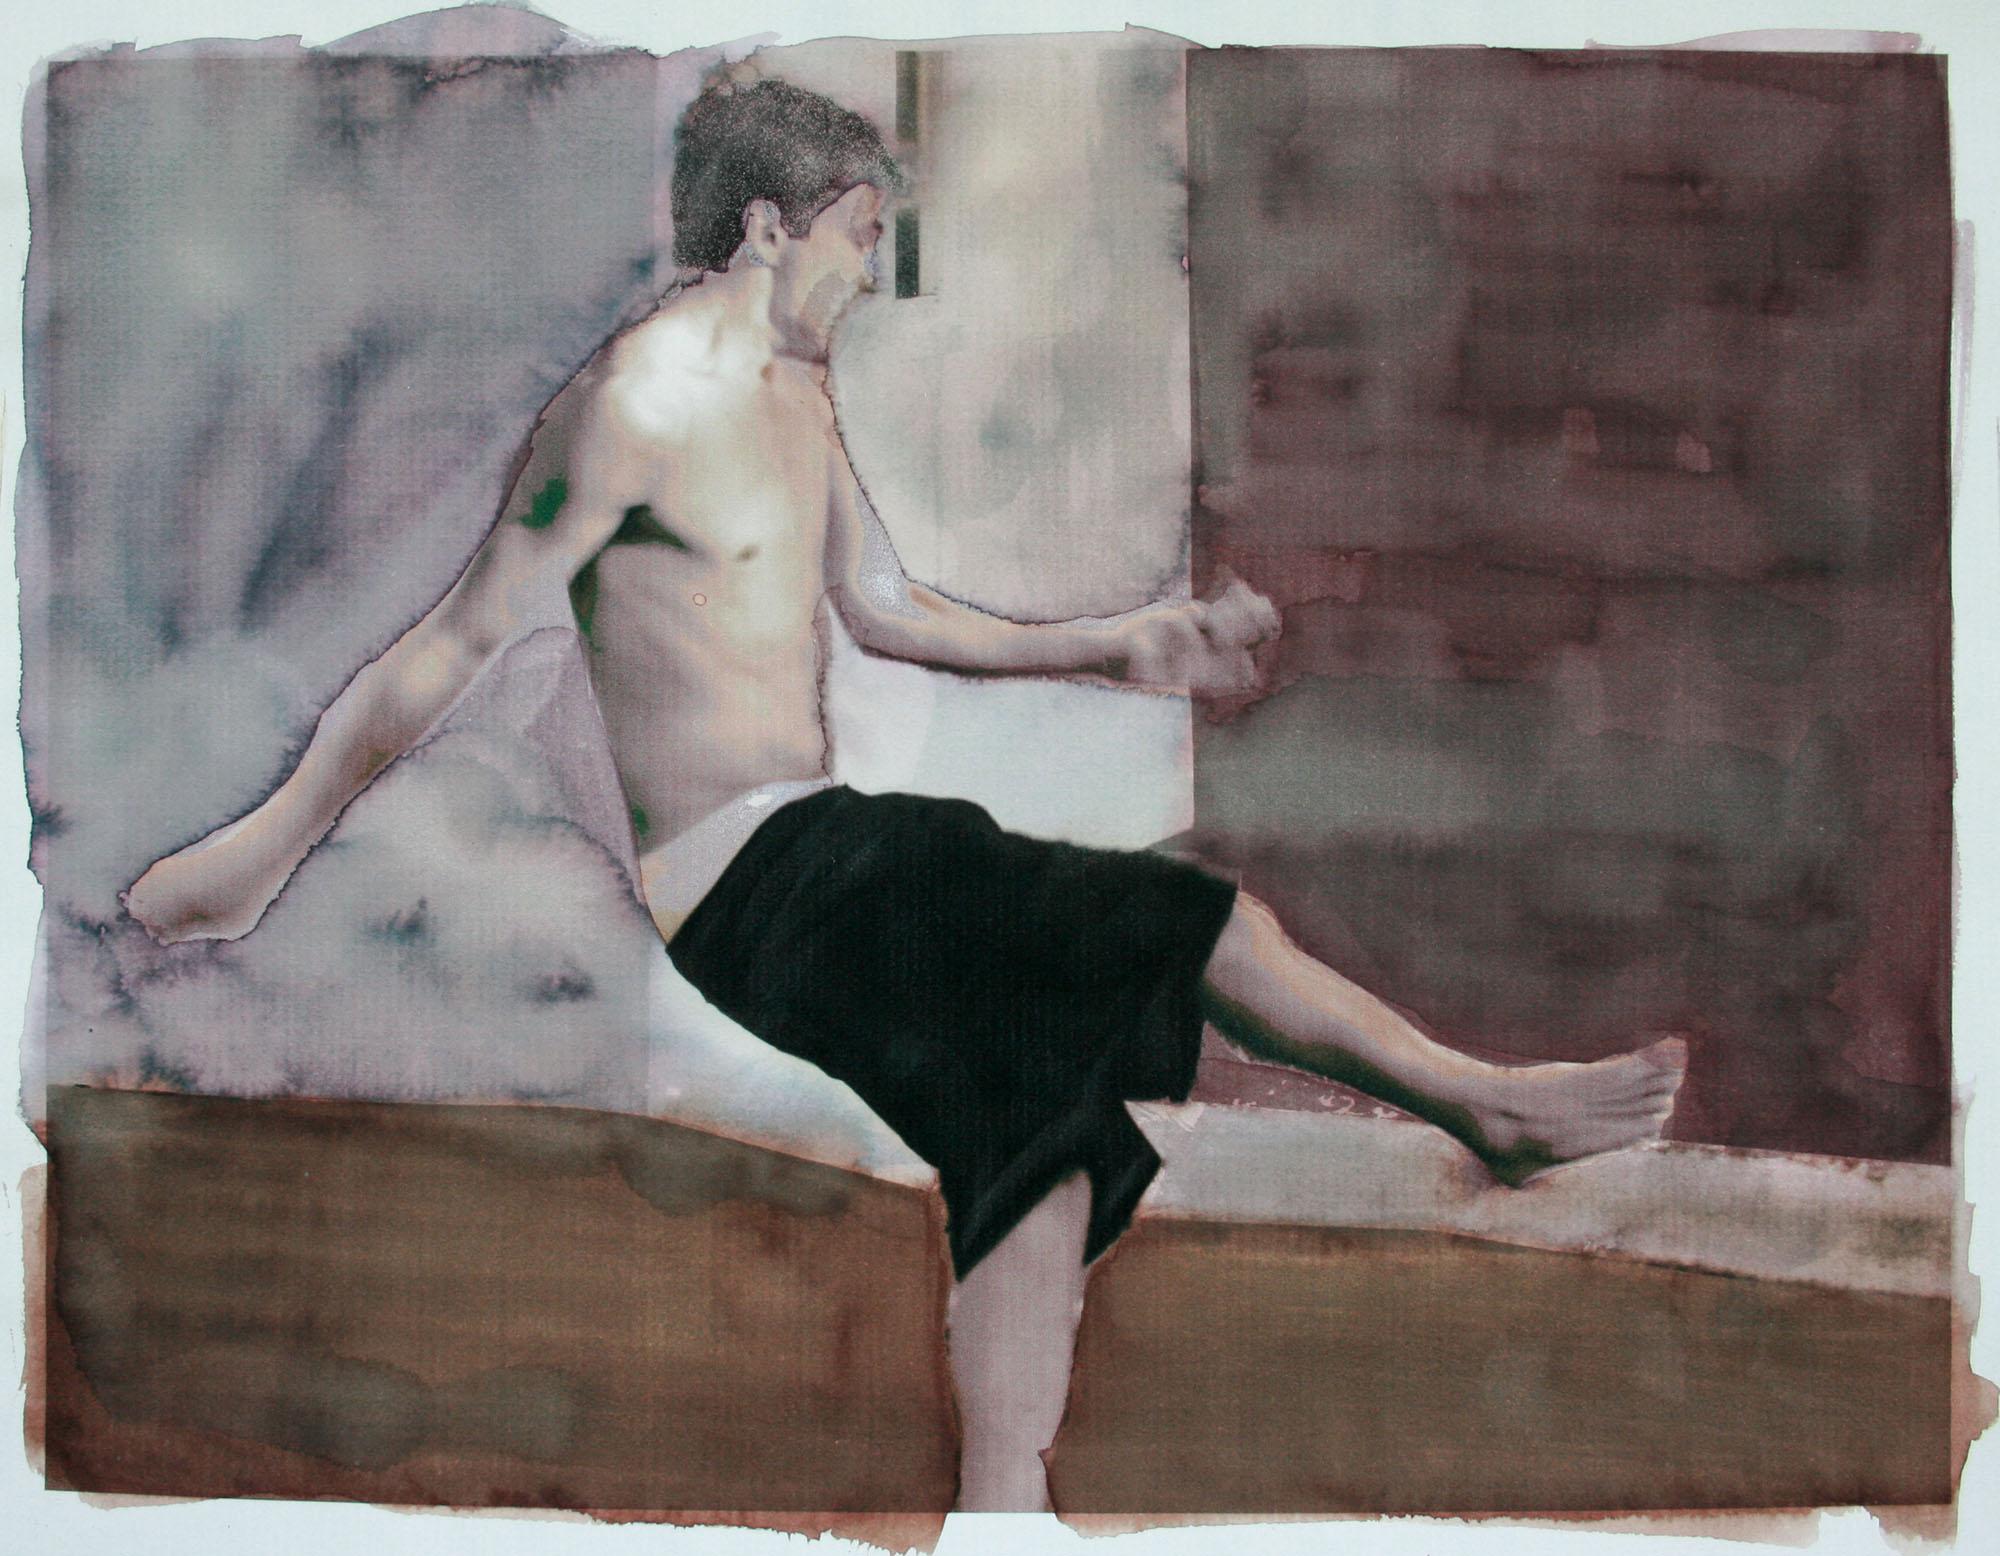 2009 - Lucas Marron